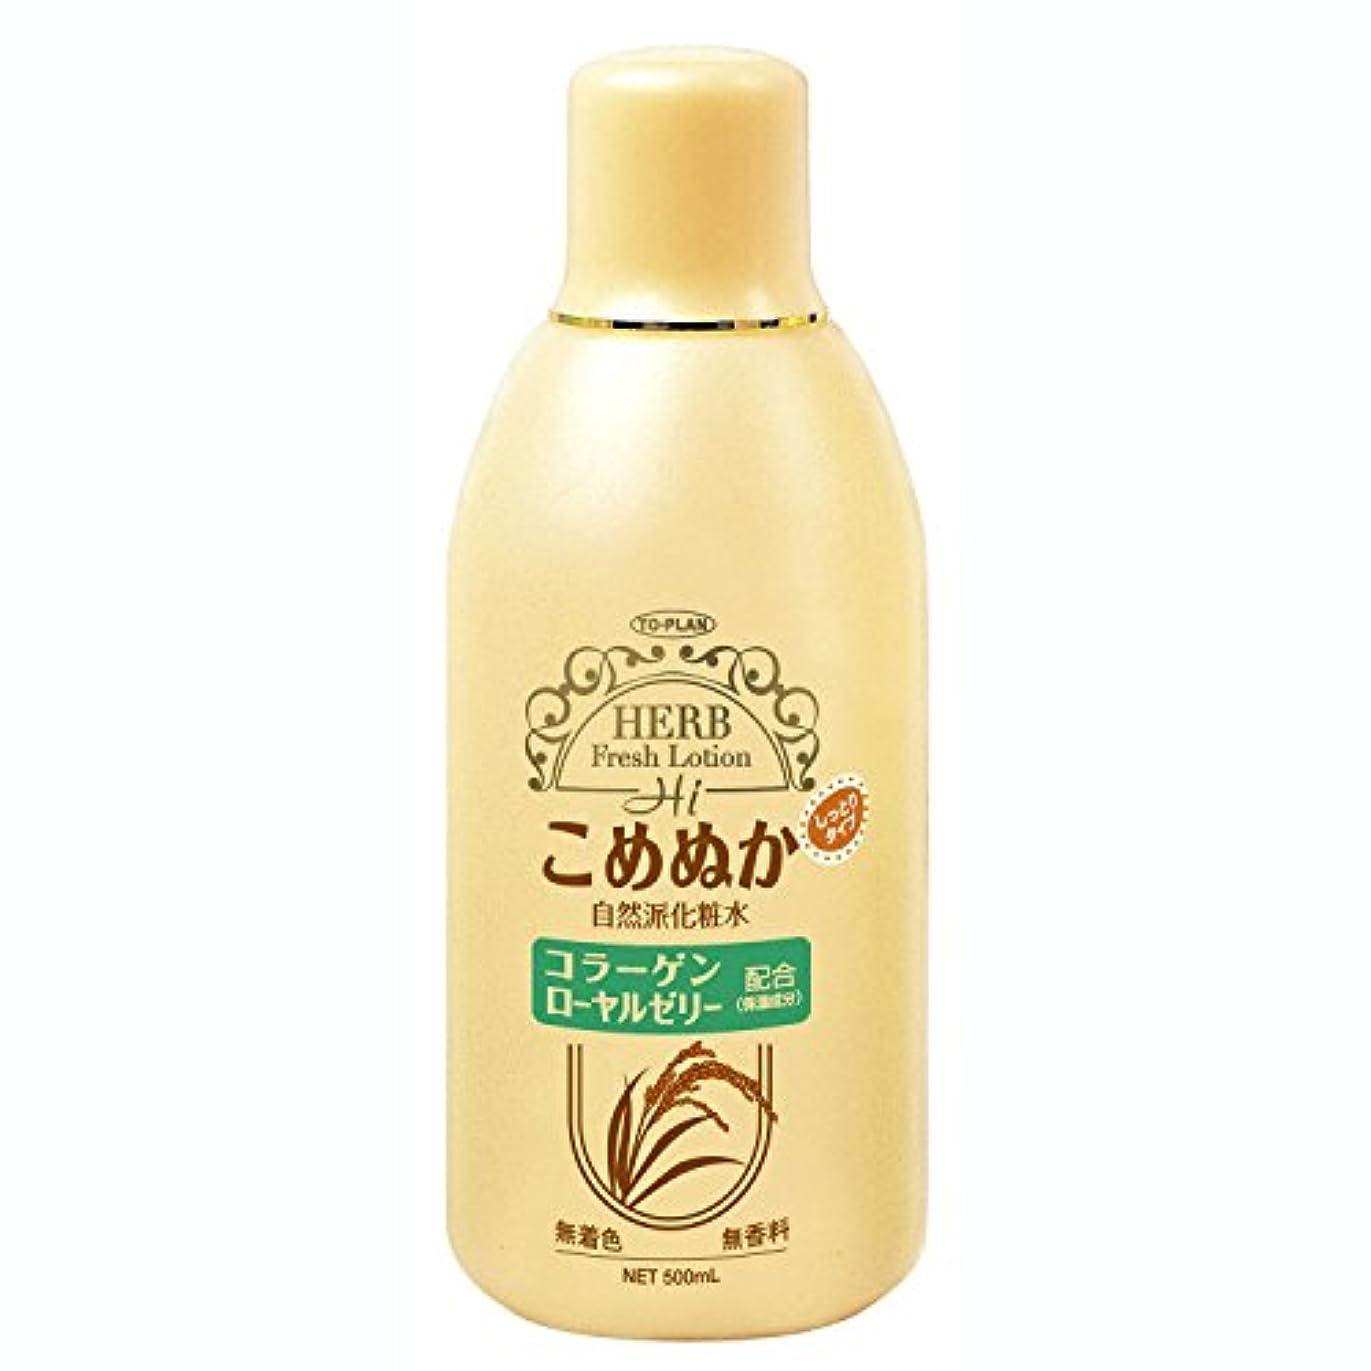 対応する効果感謝するトプラン 米ぬか化粧水 500ml